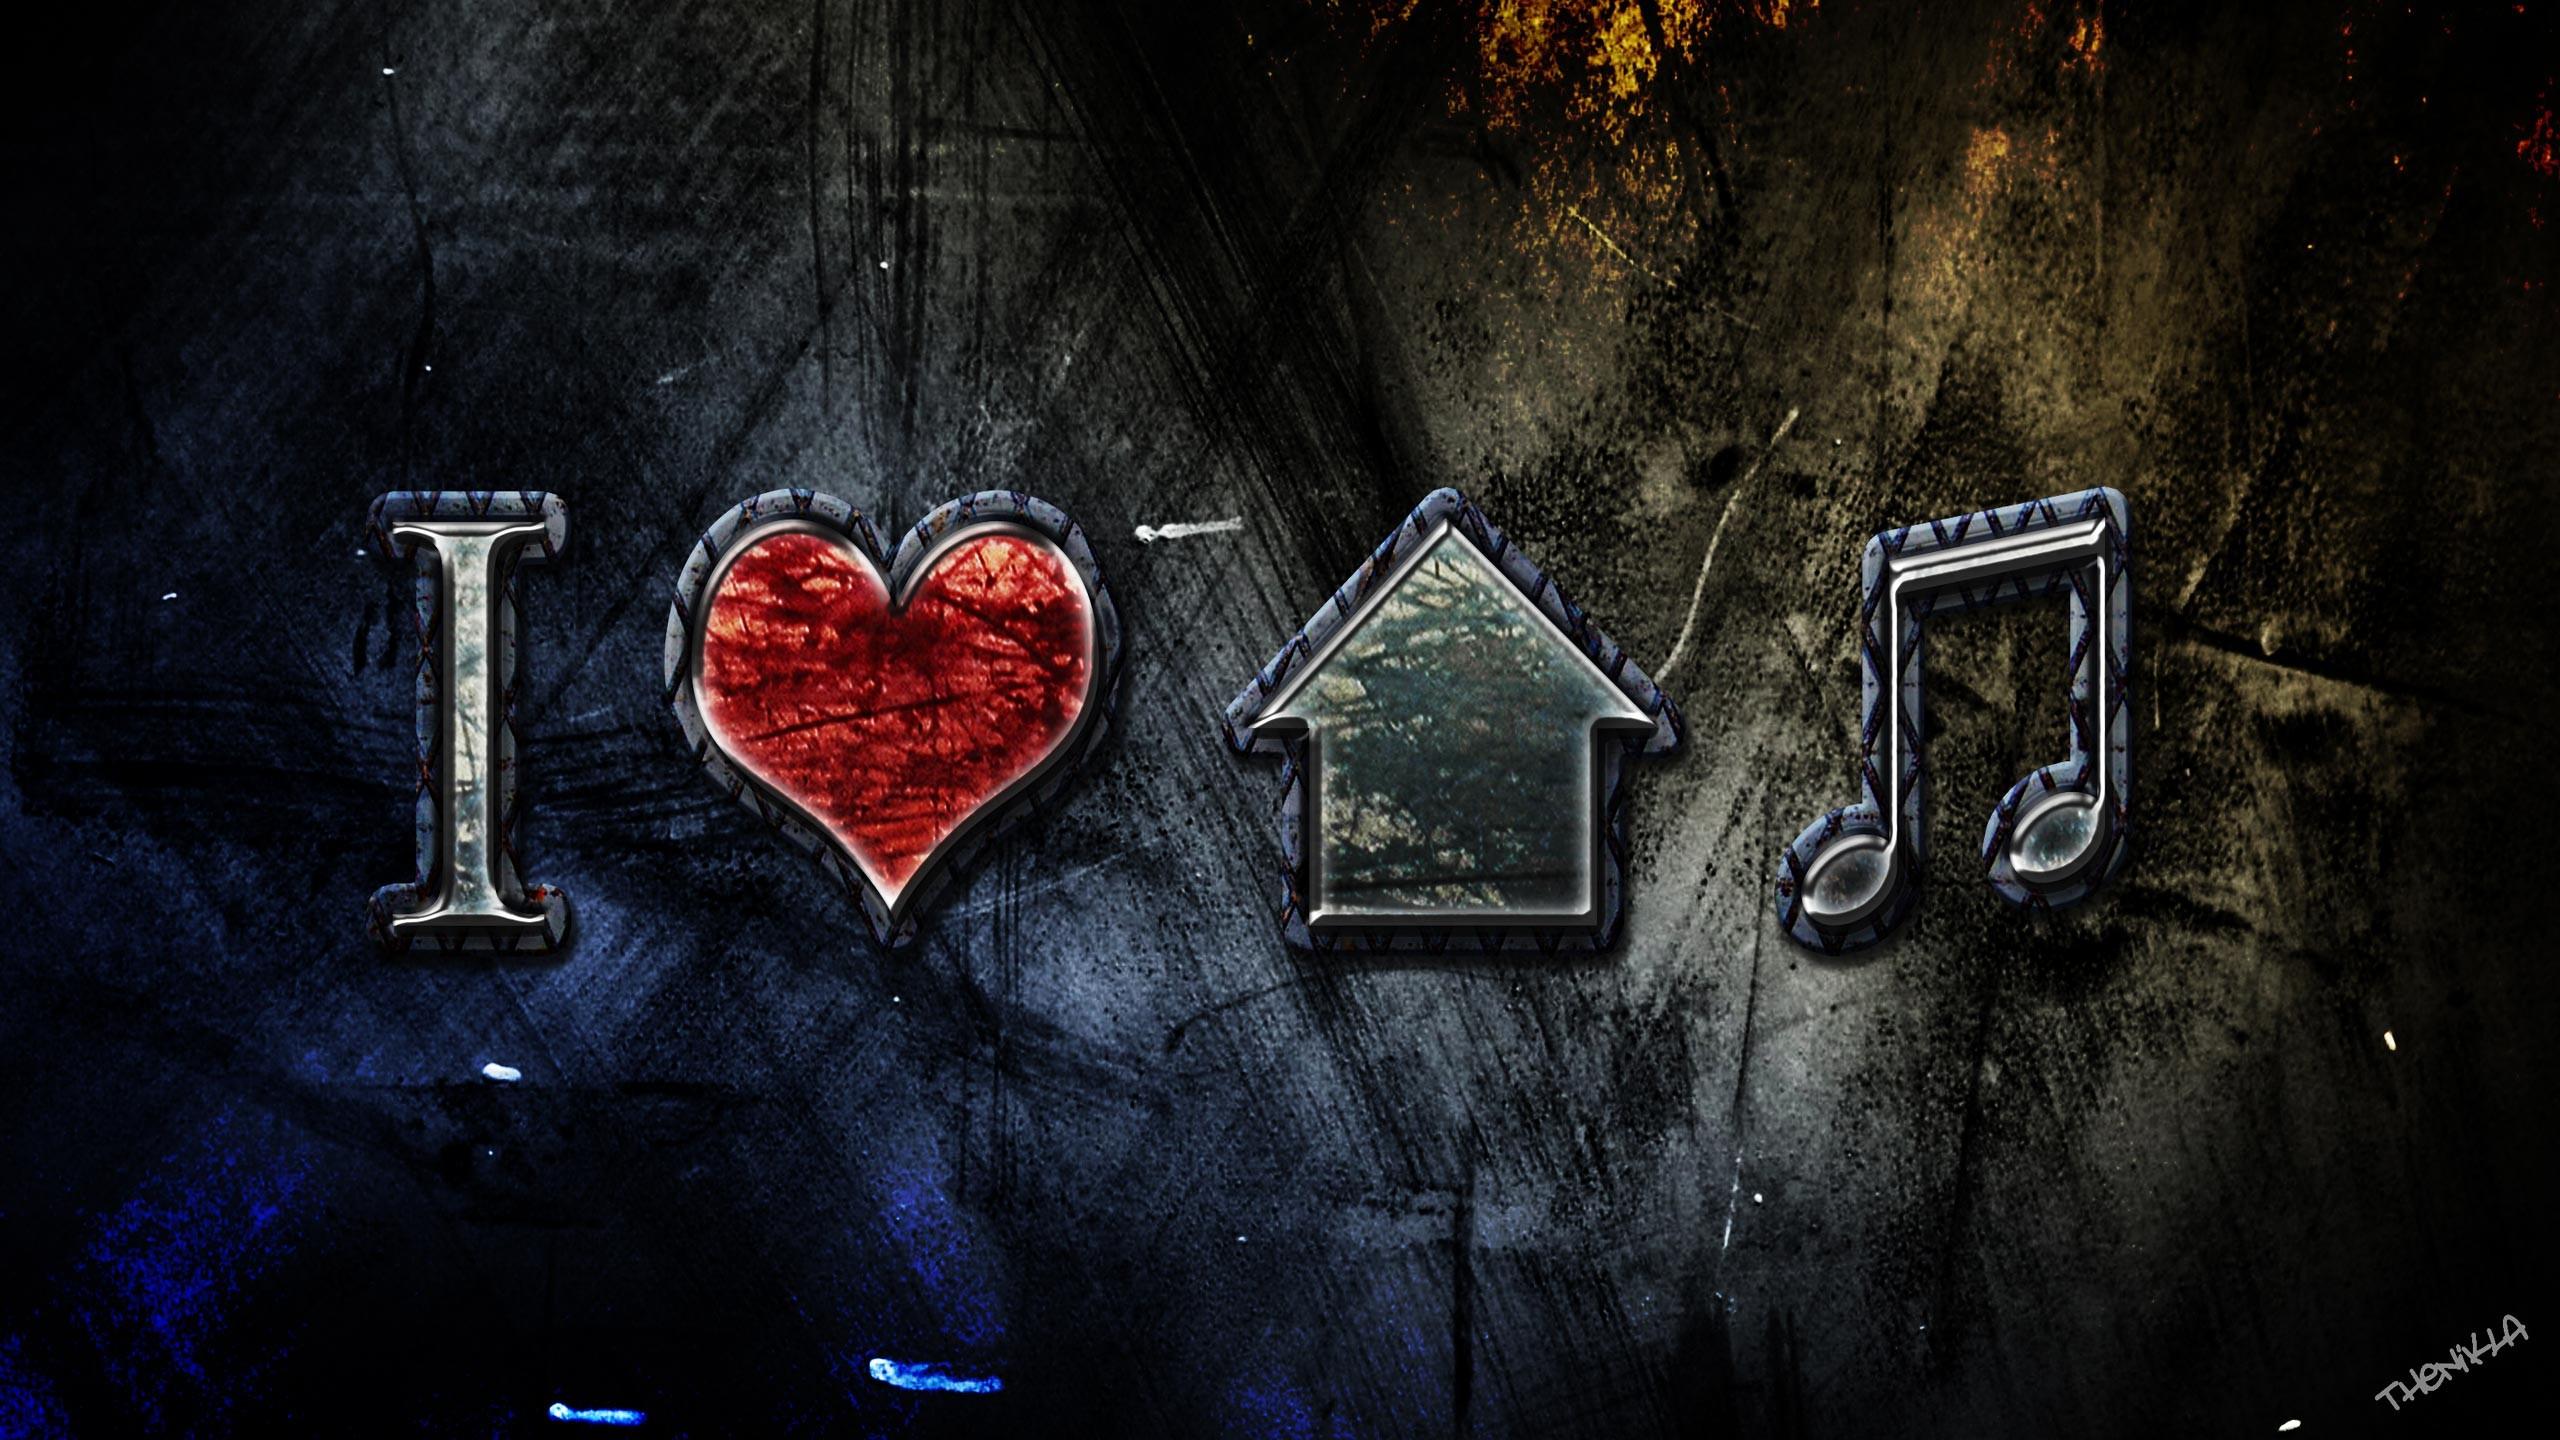 I Love House Music Wallpaper 2560x1440